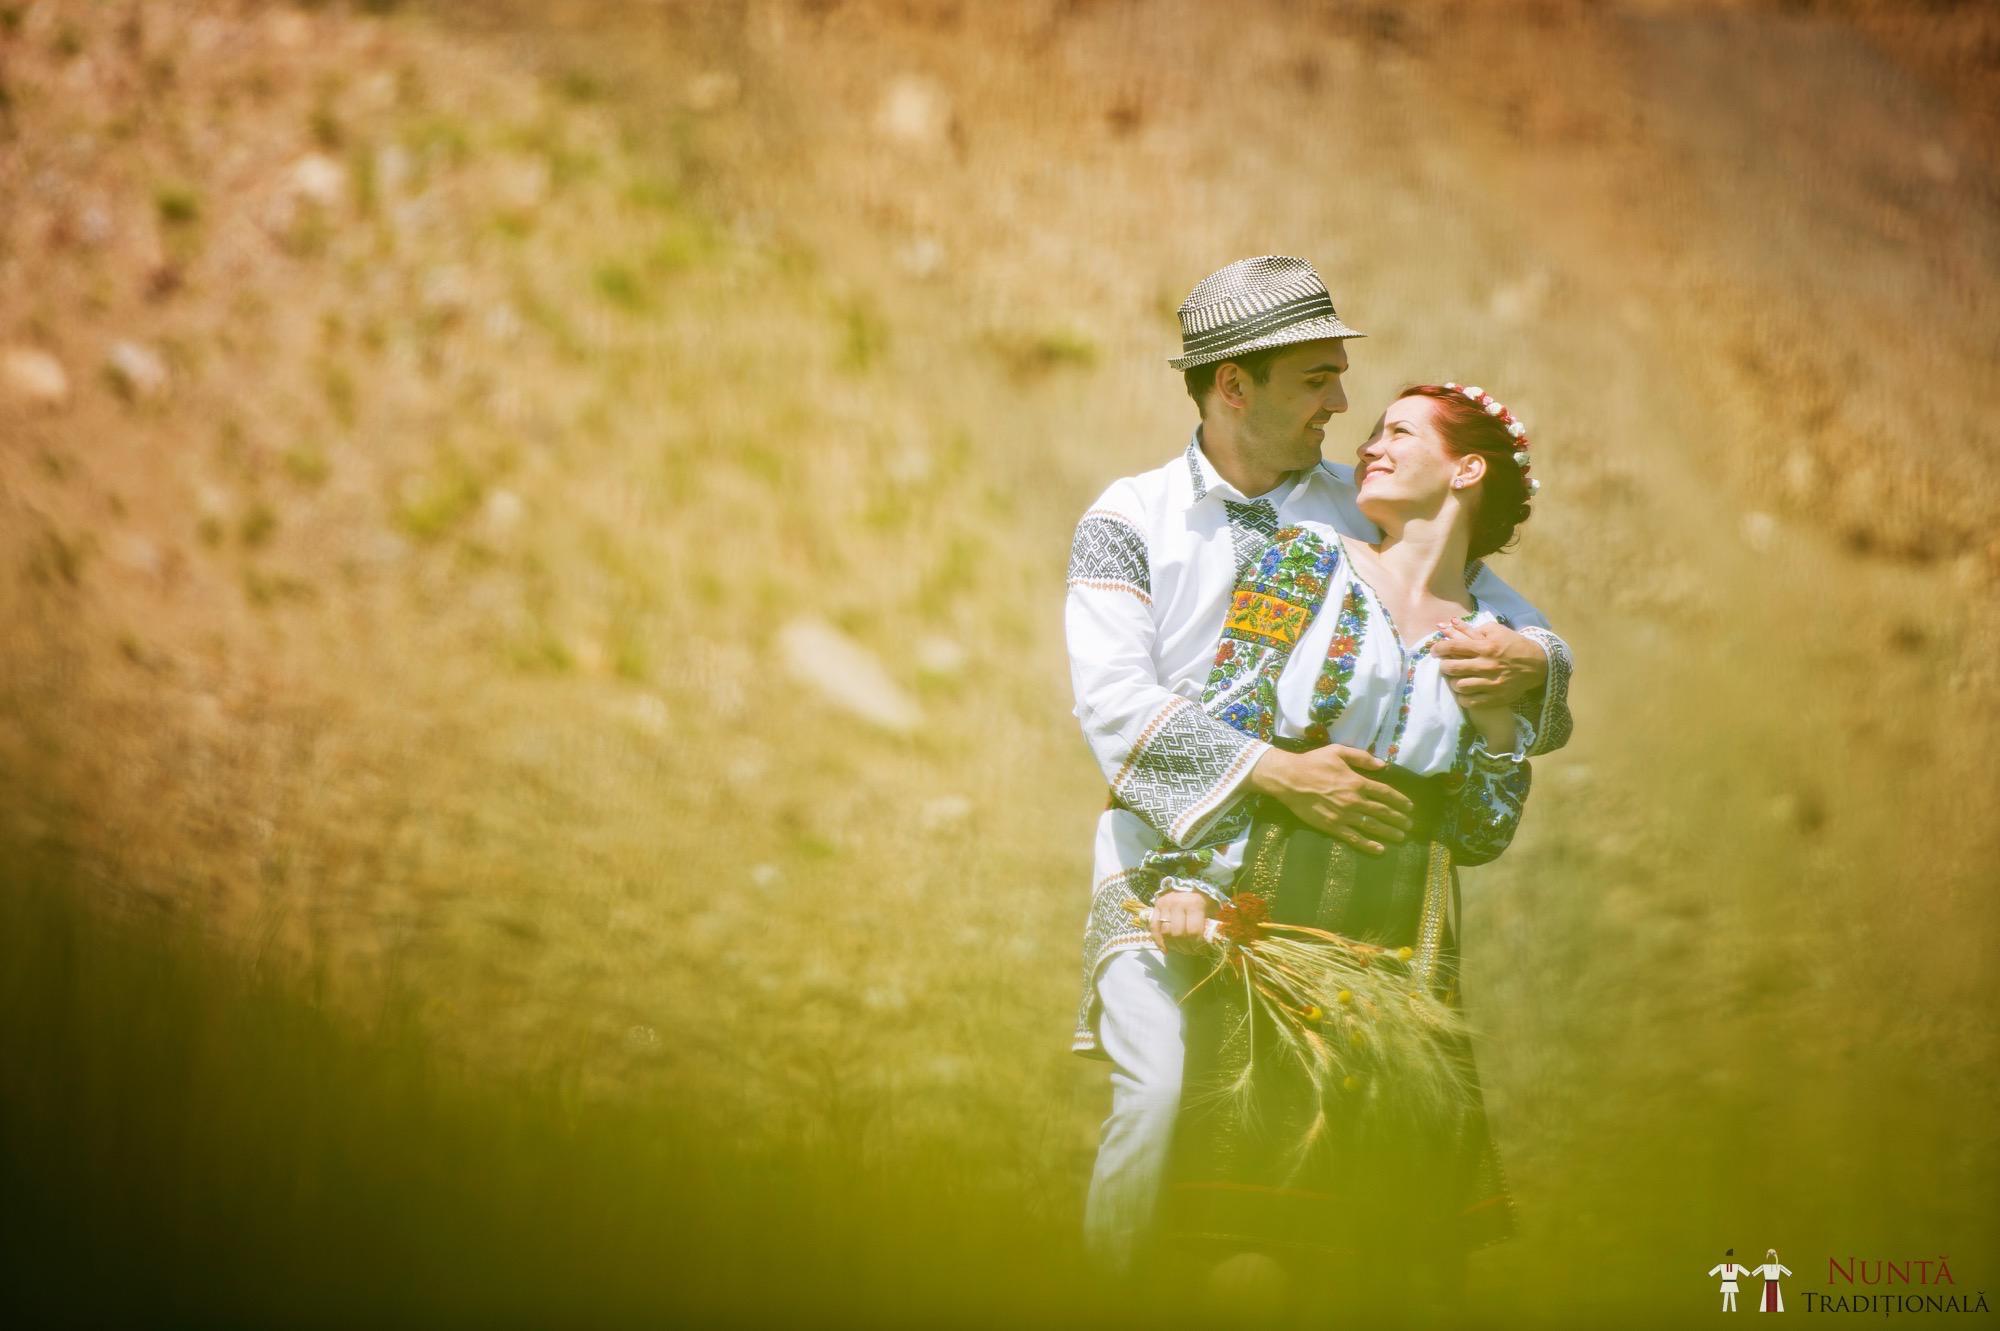 Povești Nunți Tradiționale - Gabriela și Mădălin - Nuntă Tradițională în Suceava, Bucovina 24